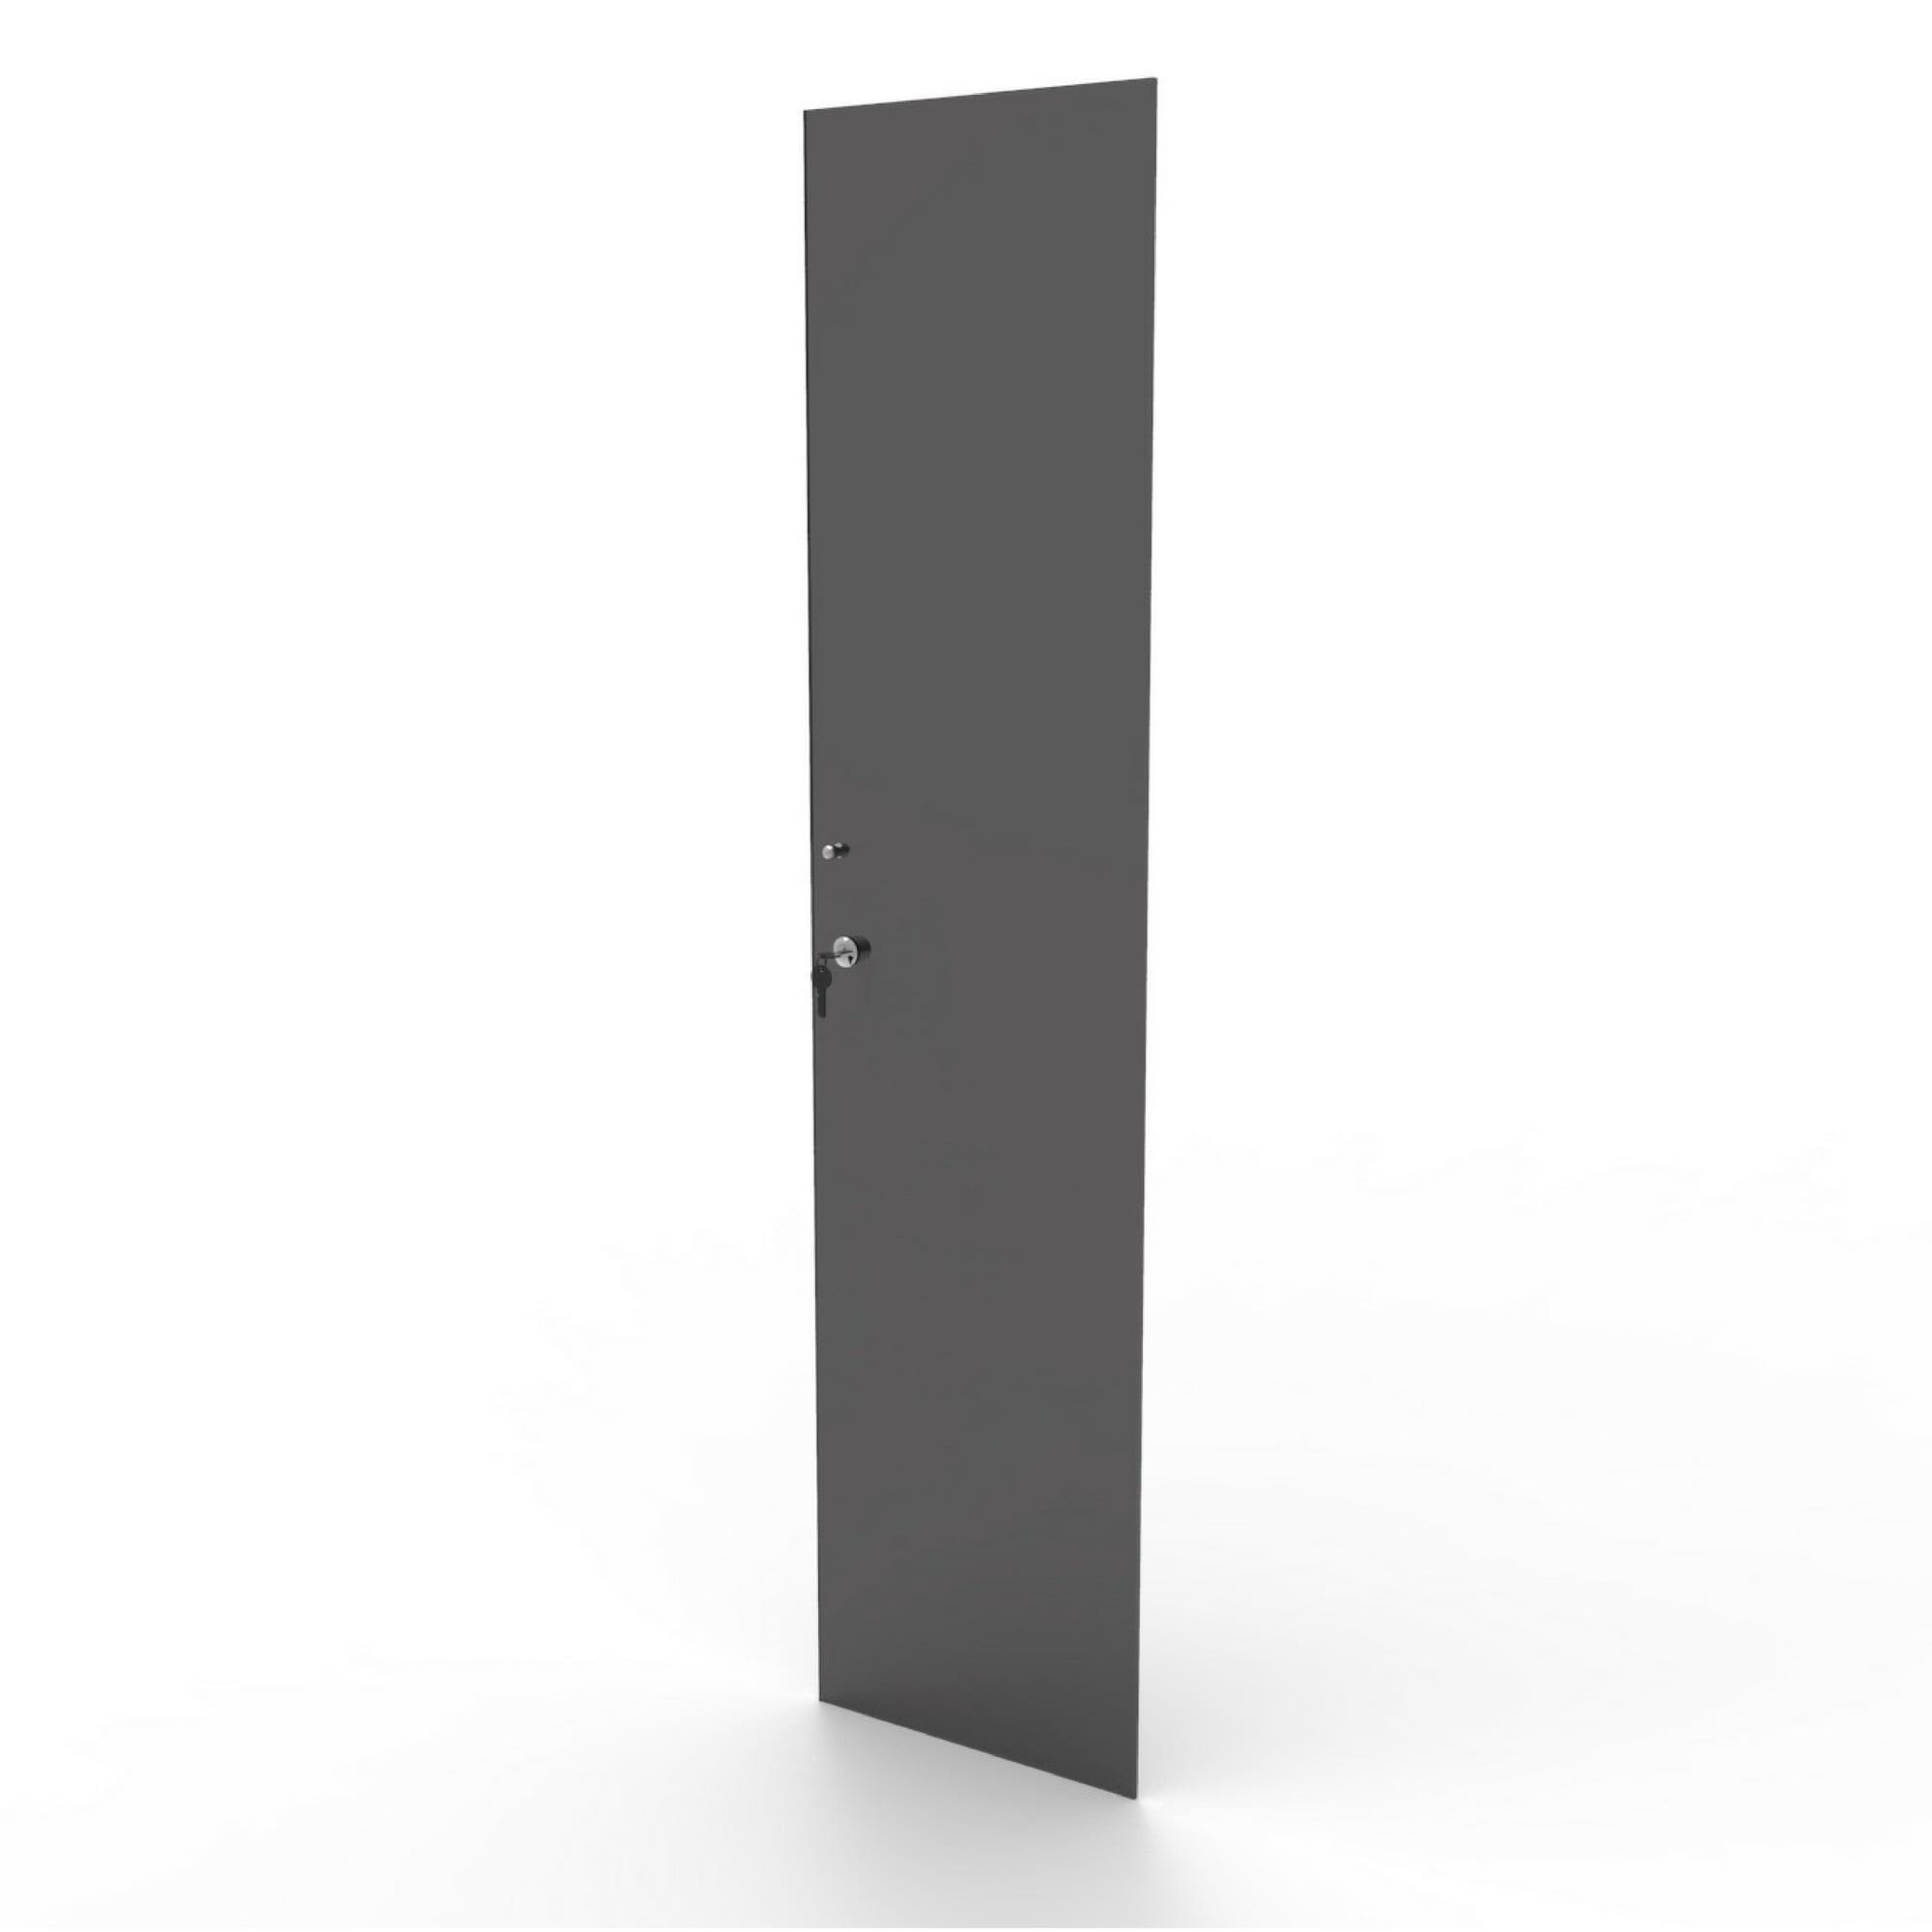 Porta de vidro fumê com chave para estantes das linhas CD e DV Bürohaus